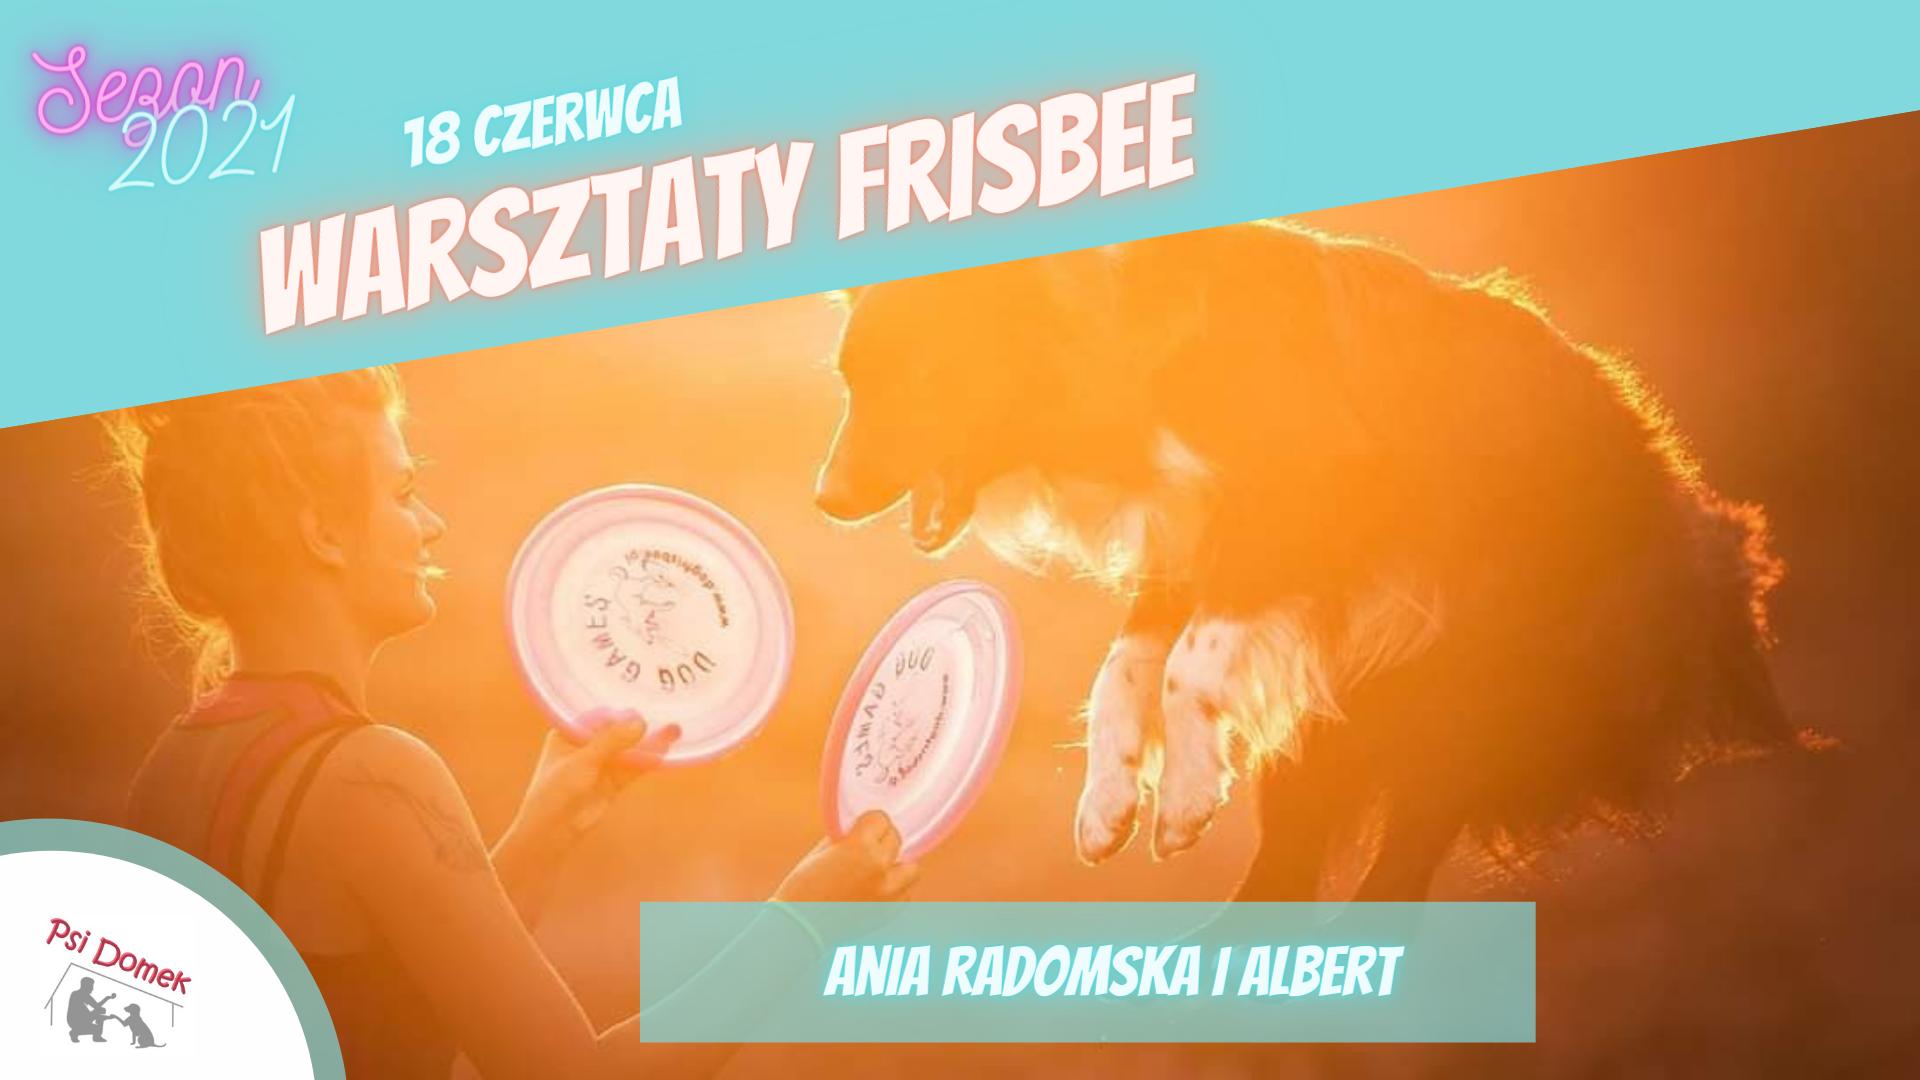 Warsztaty dogfrisbee z Anią Radomską w Psim Domku - 18 czerwca 2021